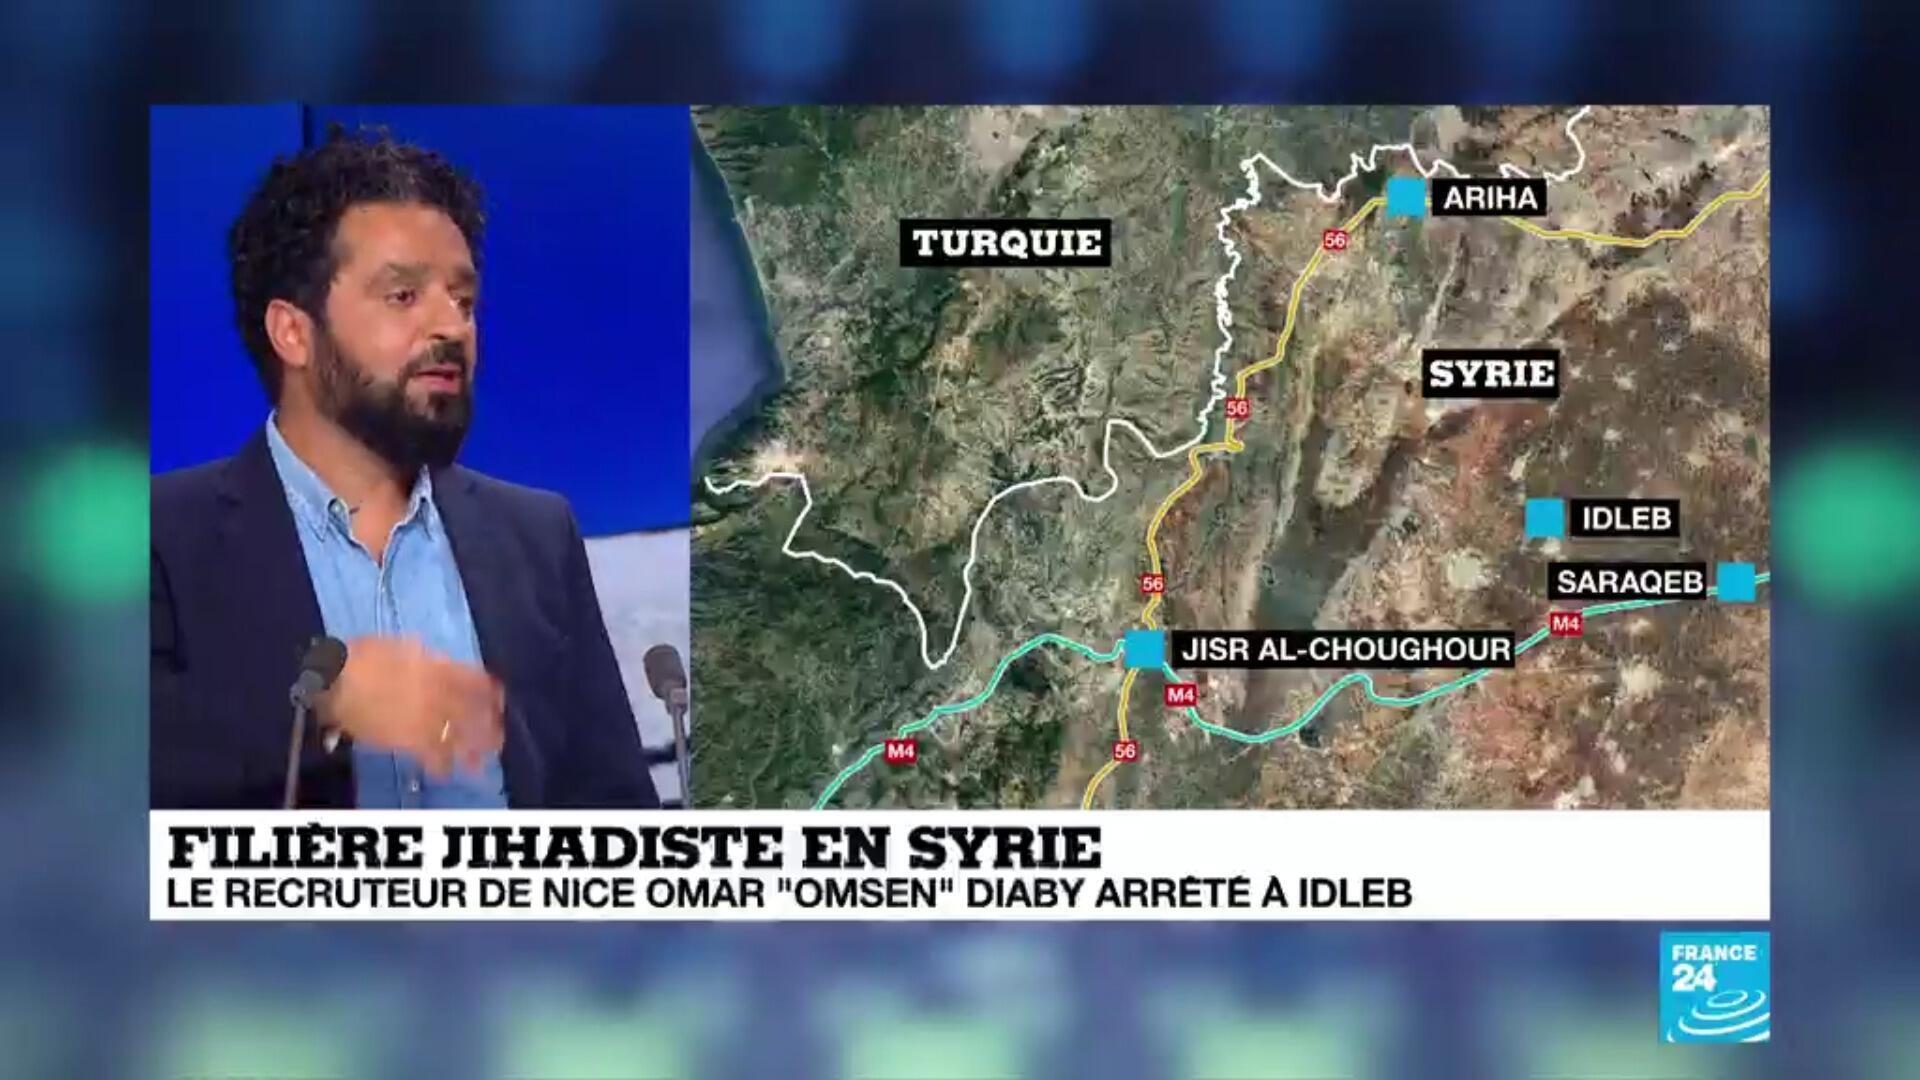 Région de Harim, en Syrie, près de la frontière turque, où le jihadiste français Omar Omsen a été arrêté le 31 août par le gropue HTS.